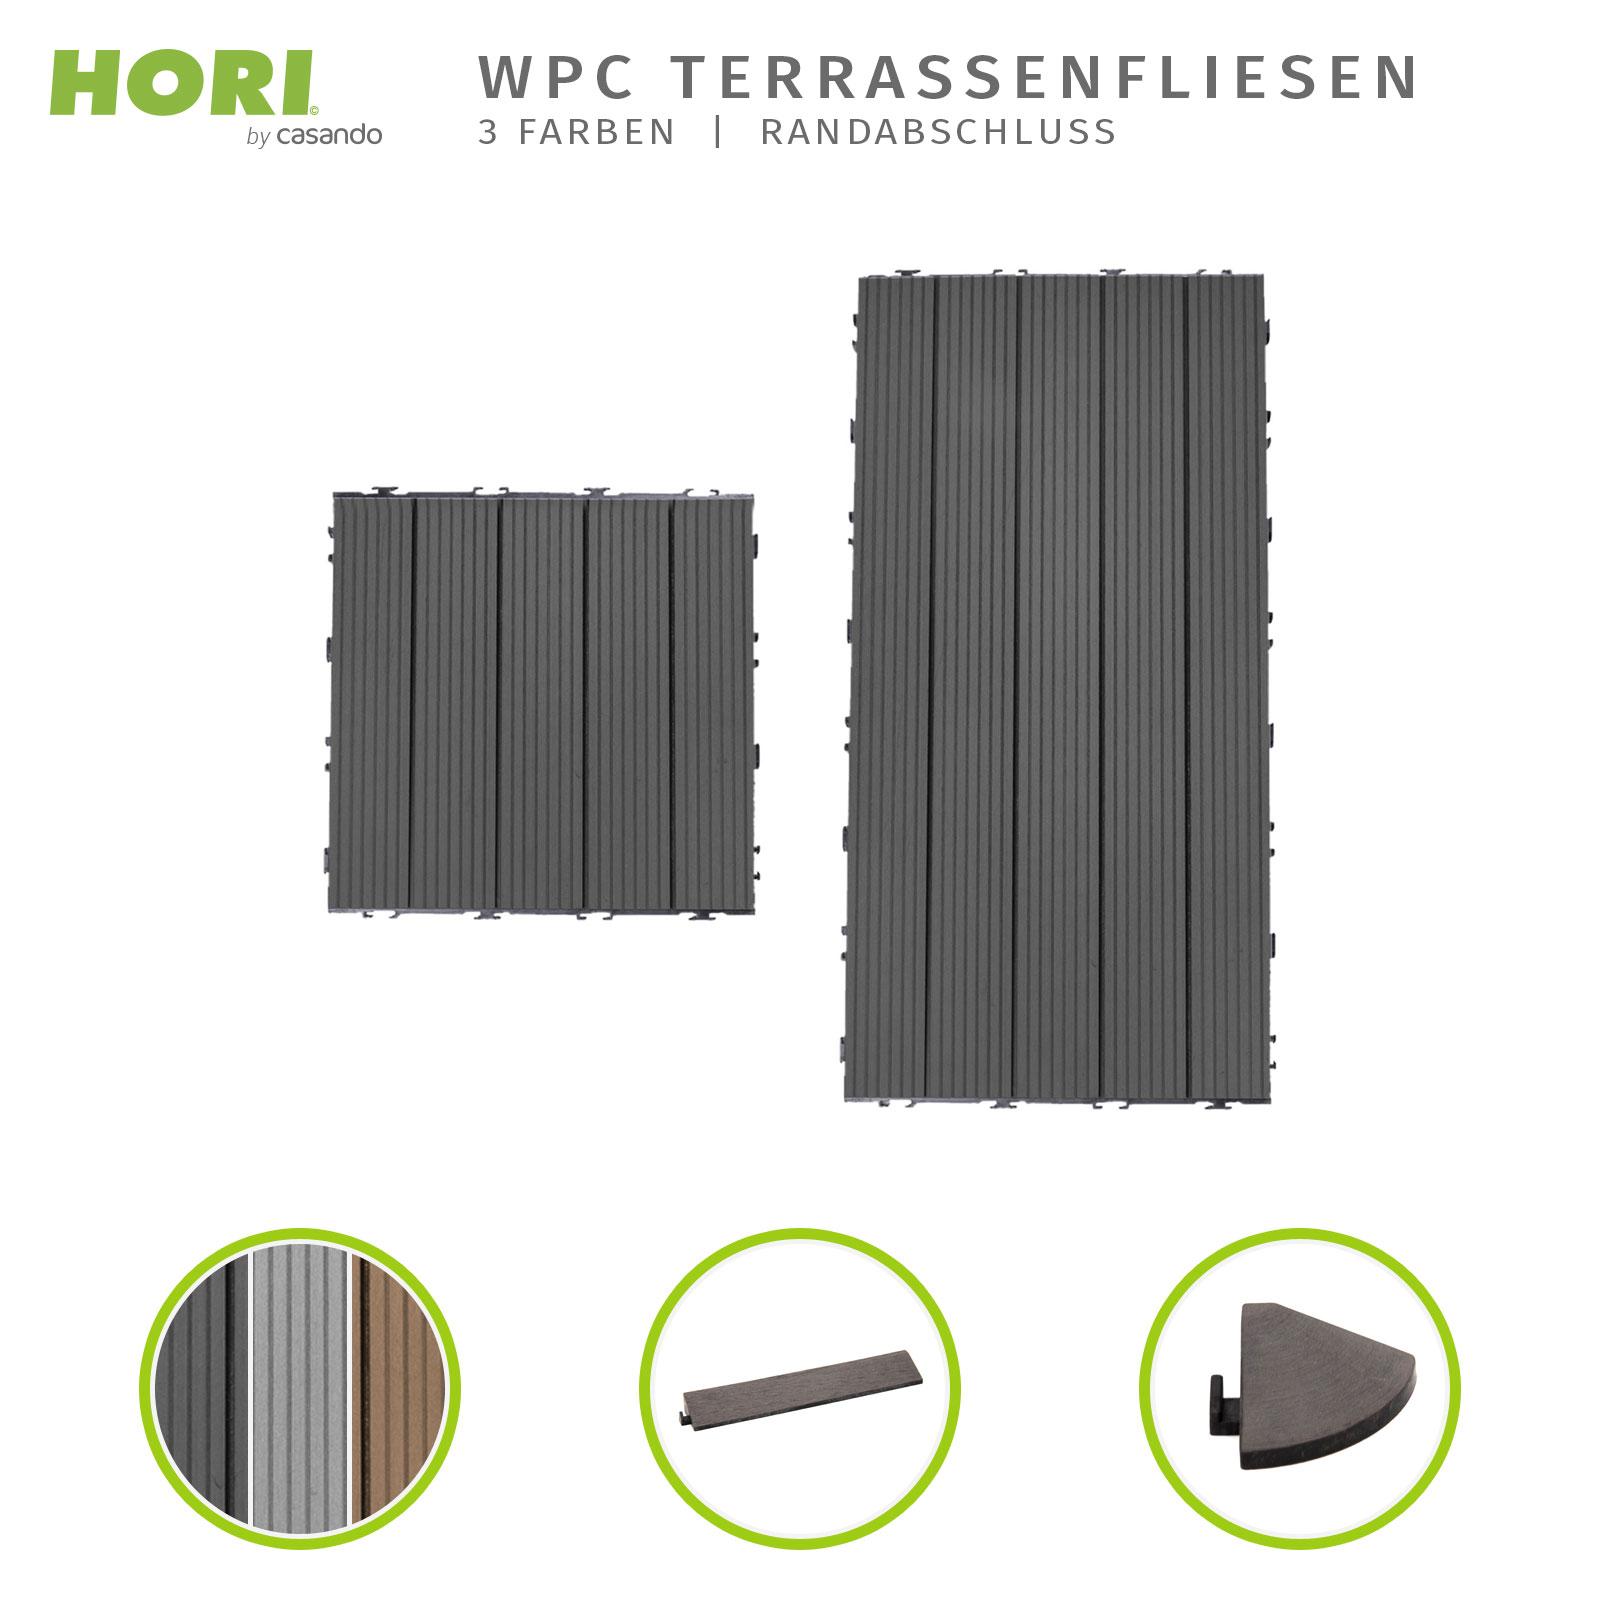 Terrassenfliesen-WPC-Klickfliesen-Balkonfliese-Holzfliese-Kunststoff